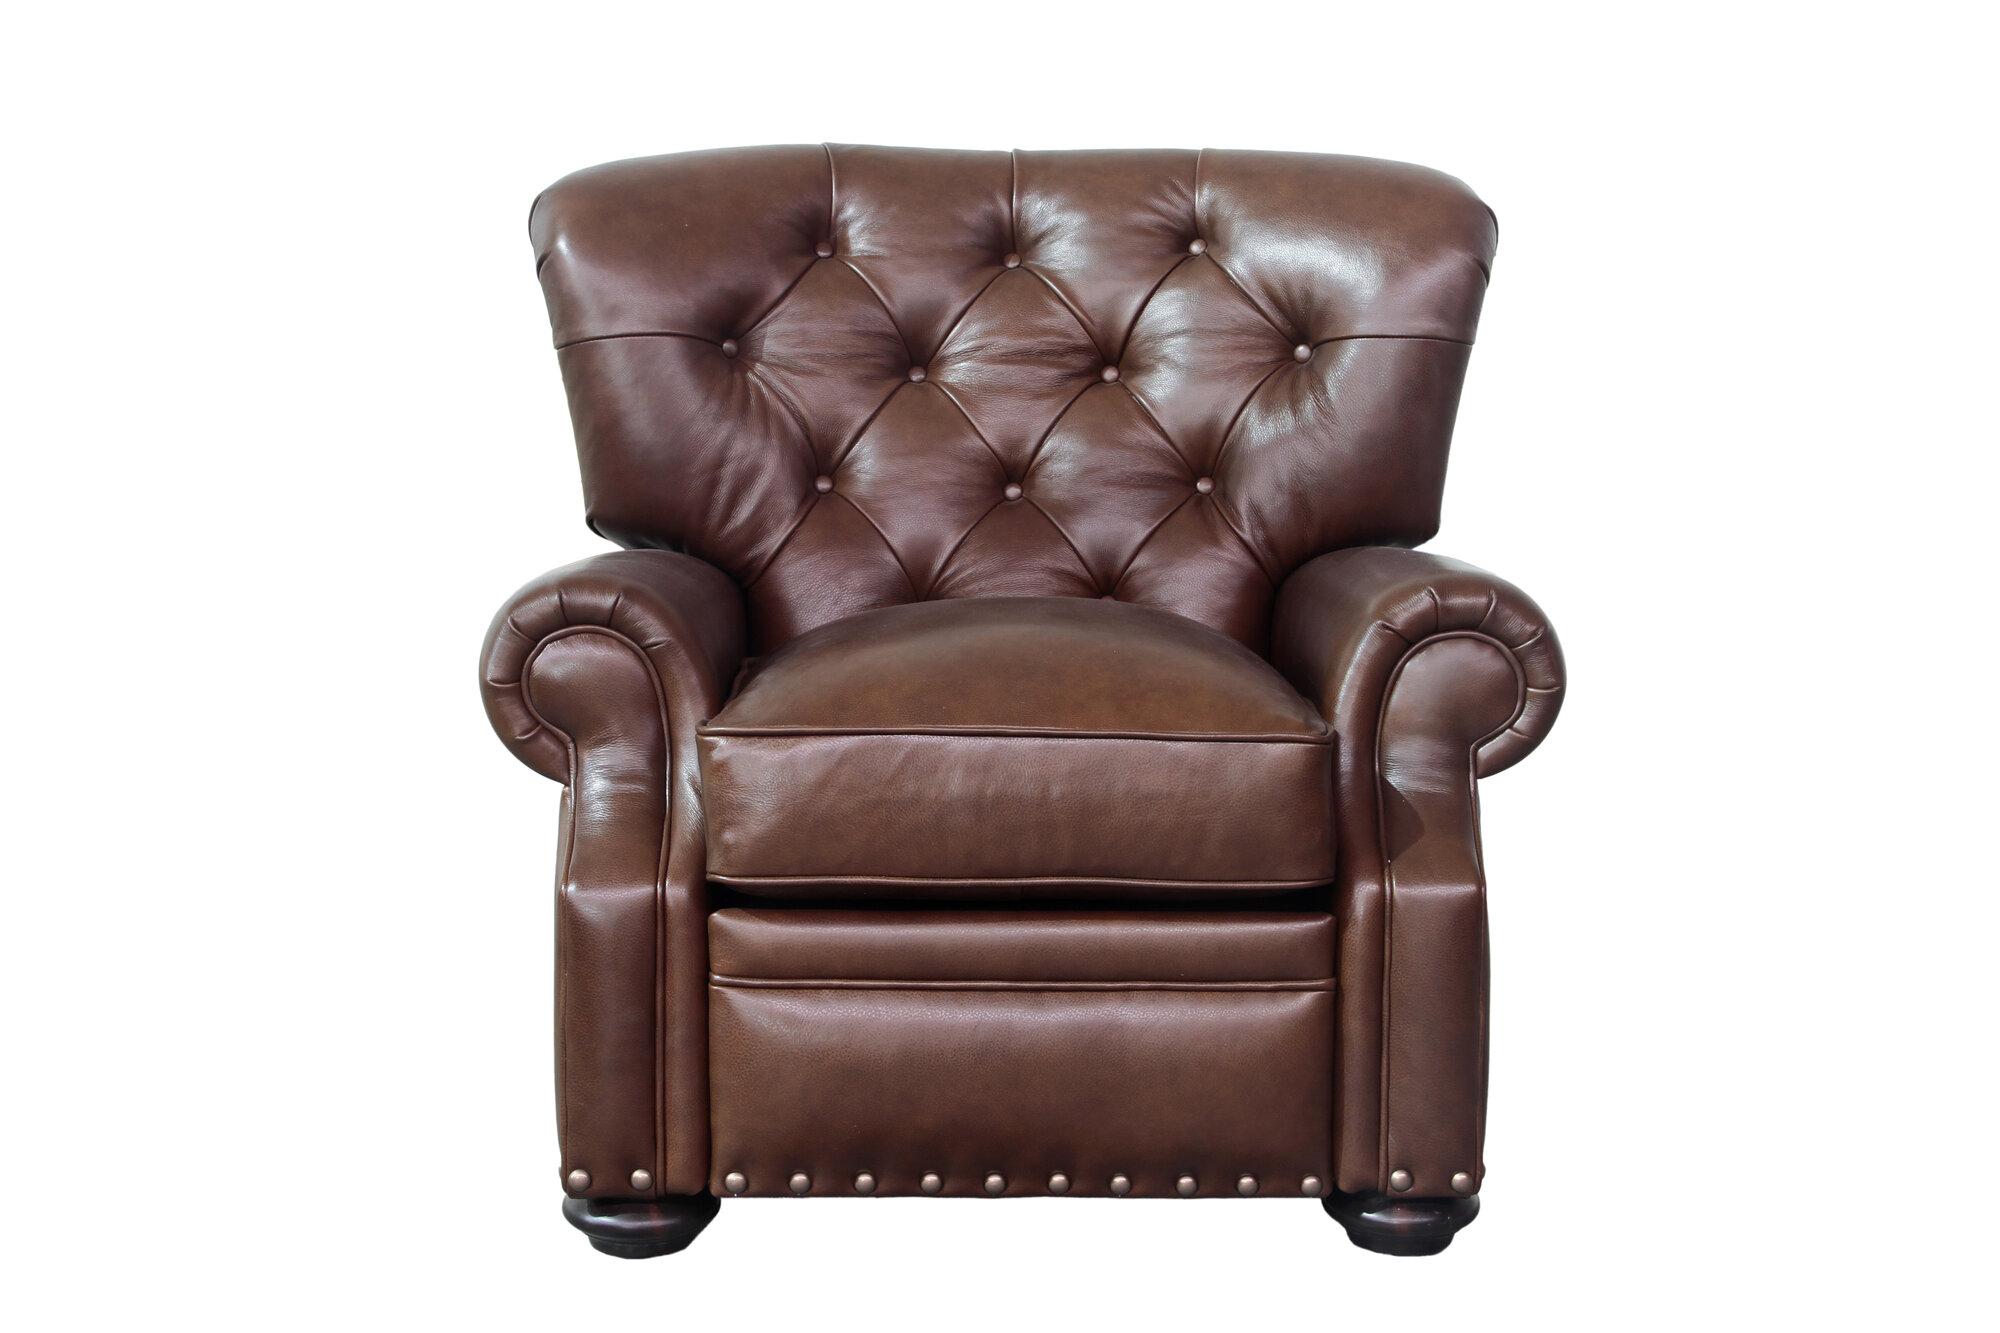 Barcalounger sinclair leather recliner ebay for Barcalounger